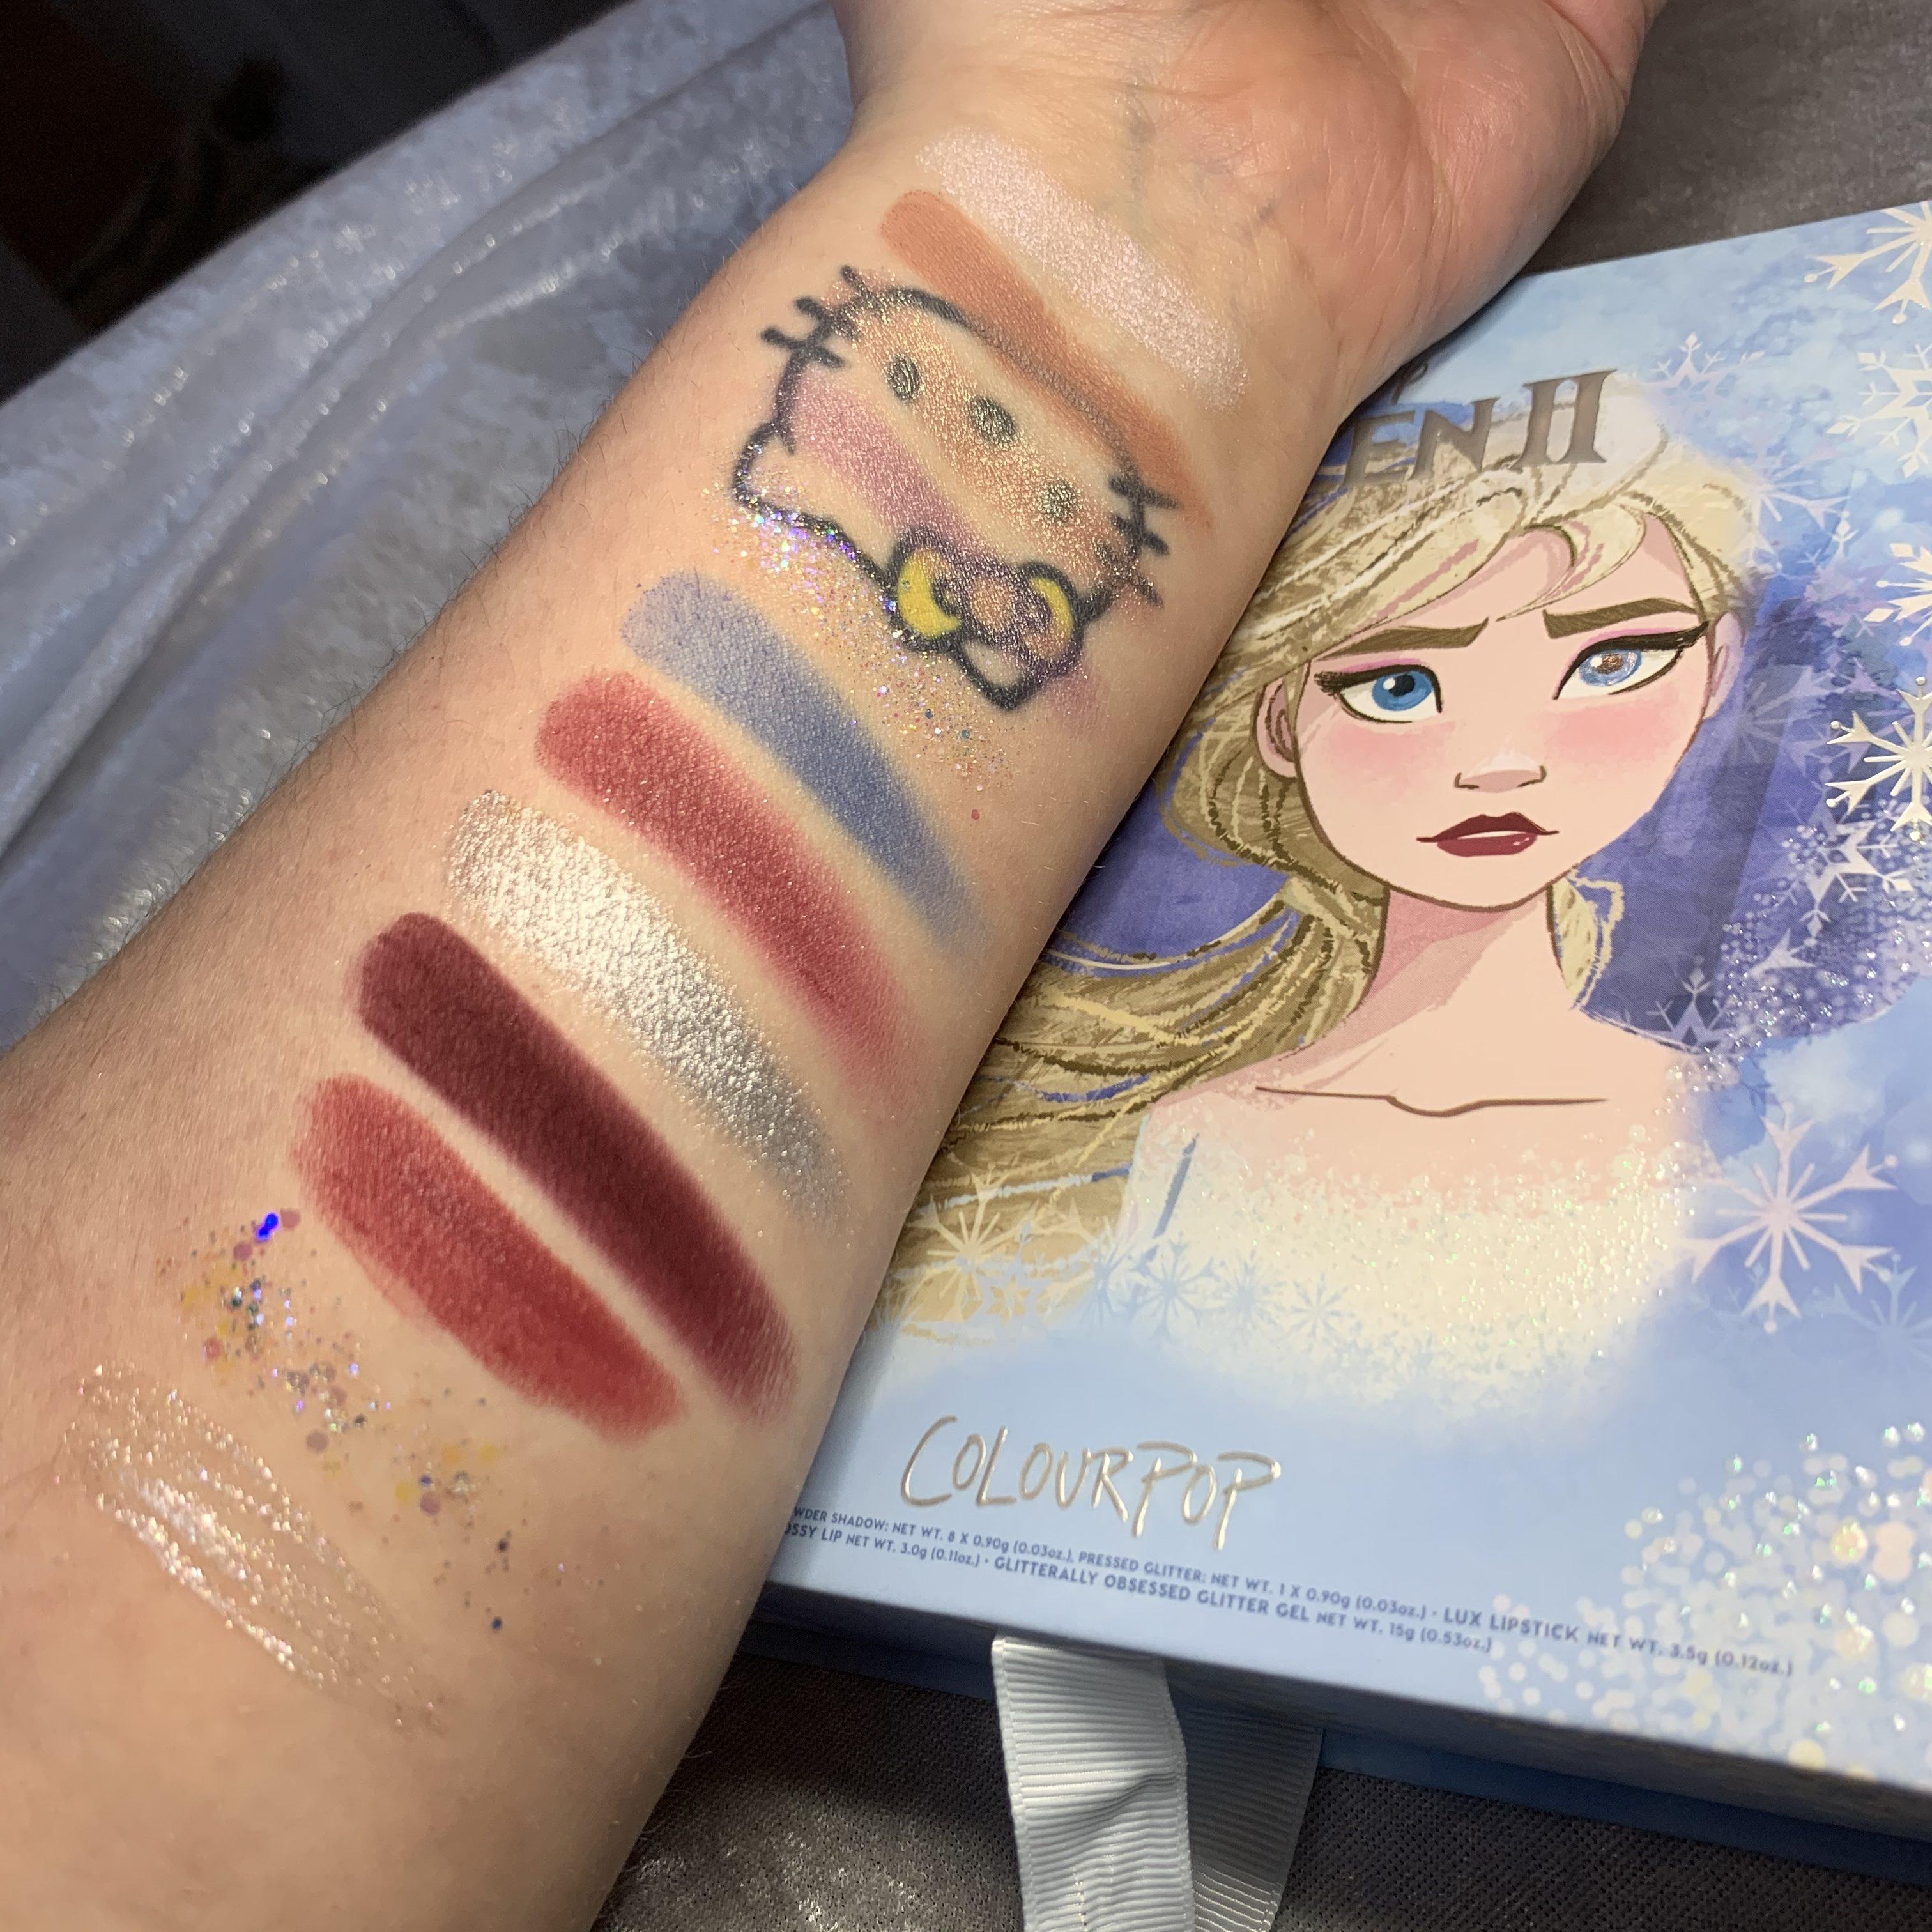 Colourpop x Frozen 2 Elsa Collection